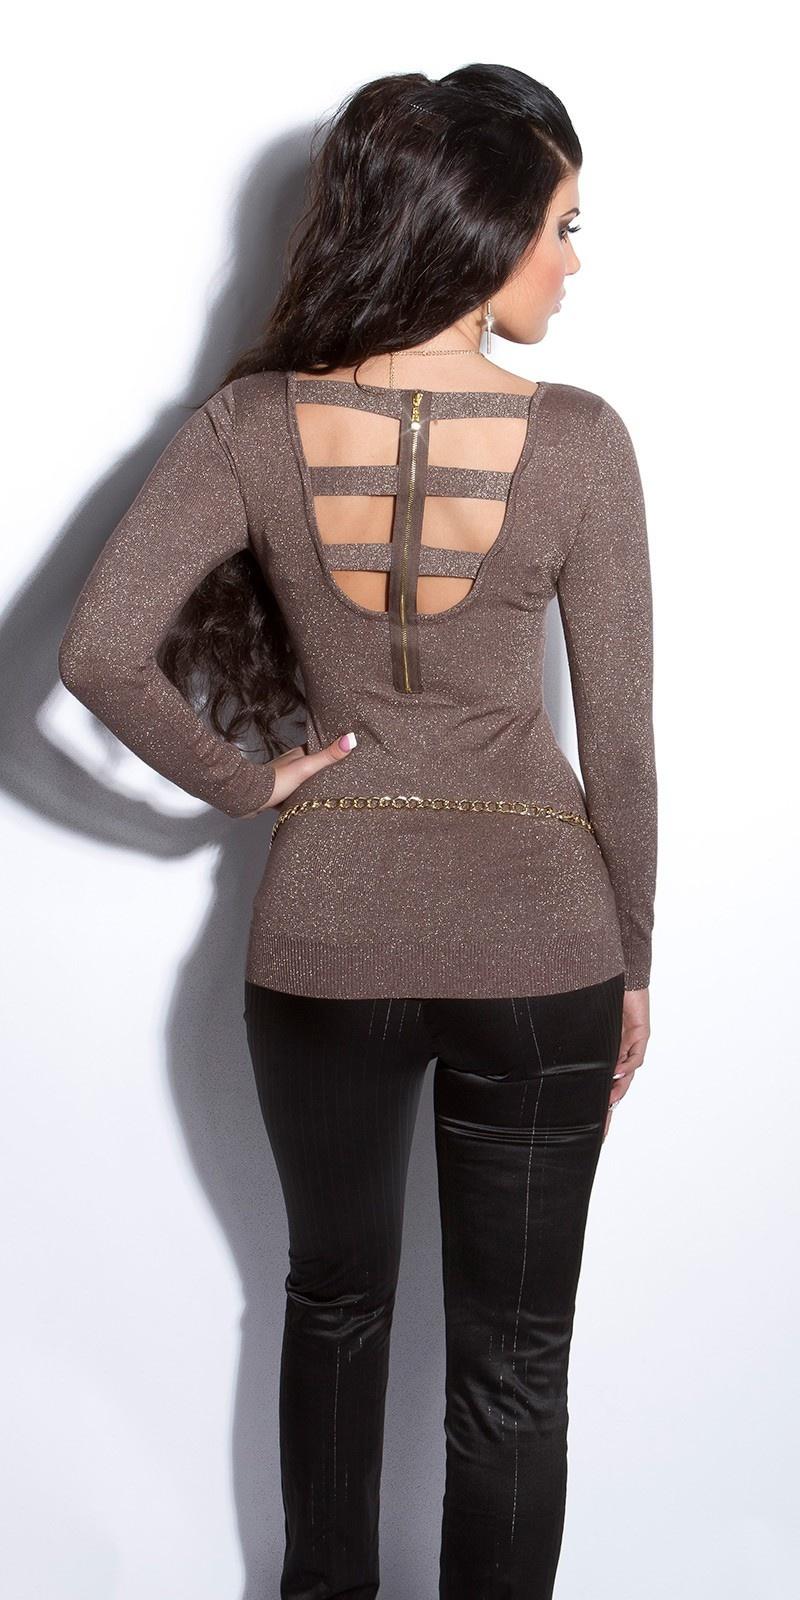 Sexy fijngebreide-lange sweater-trui met ritssluiting cappuccino